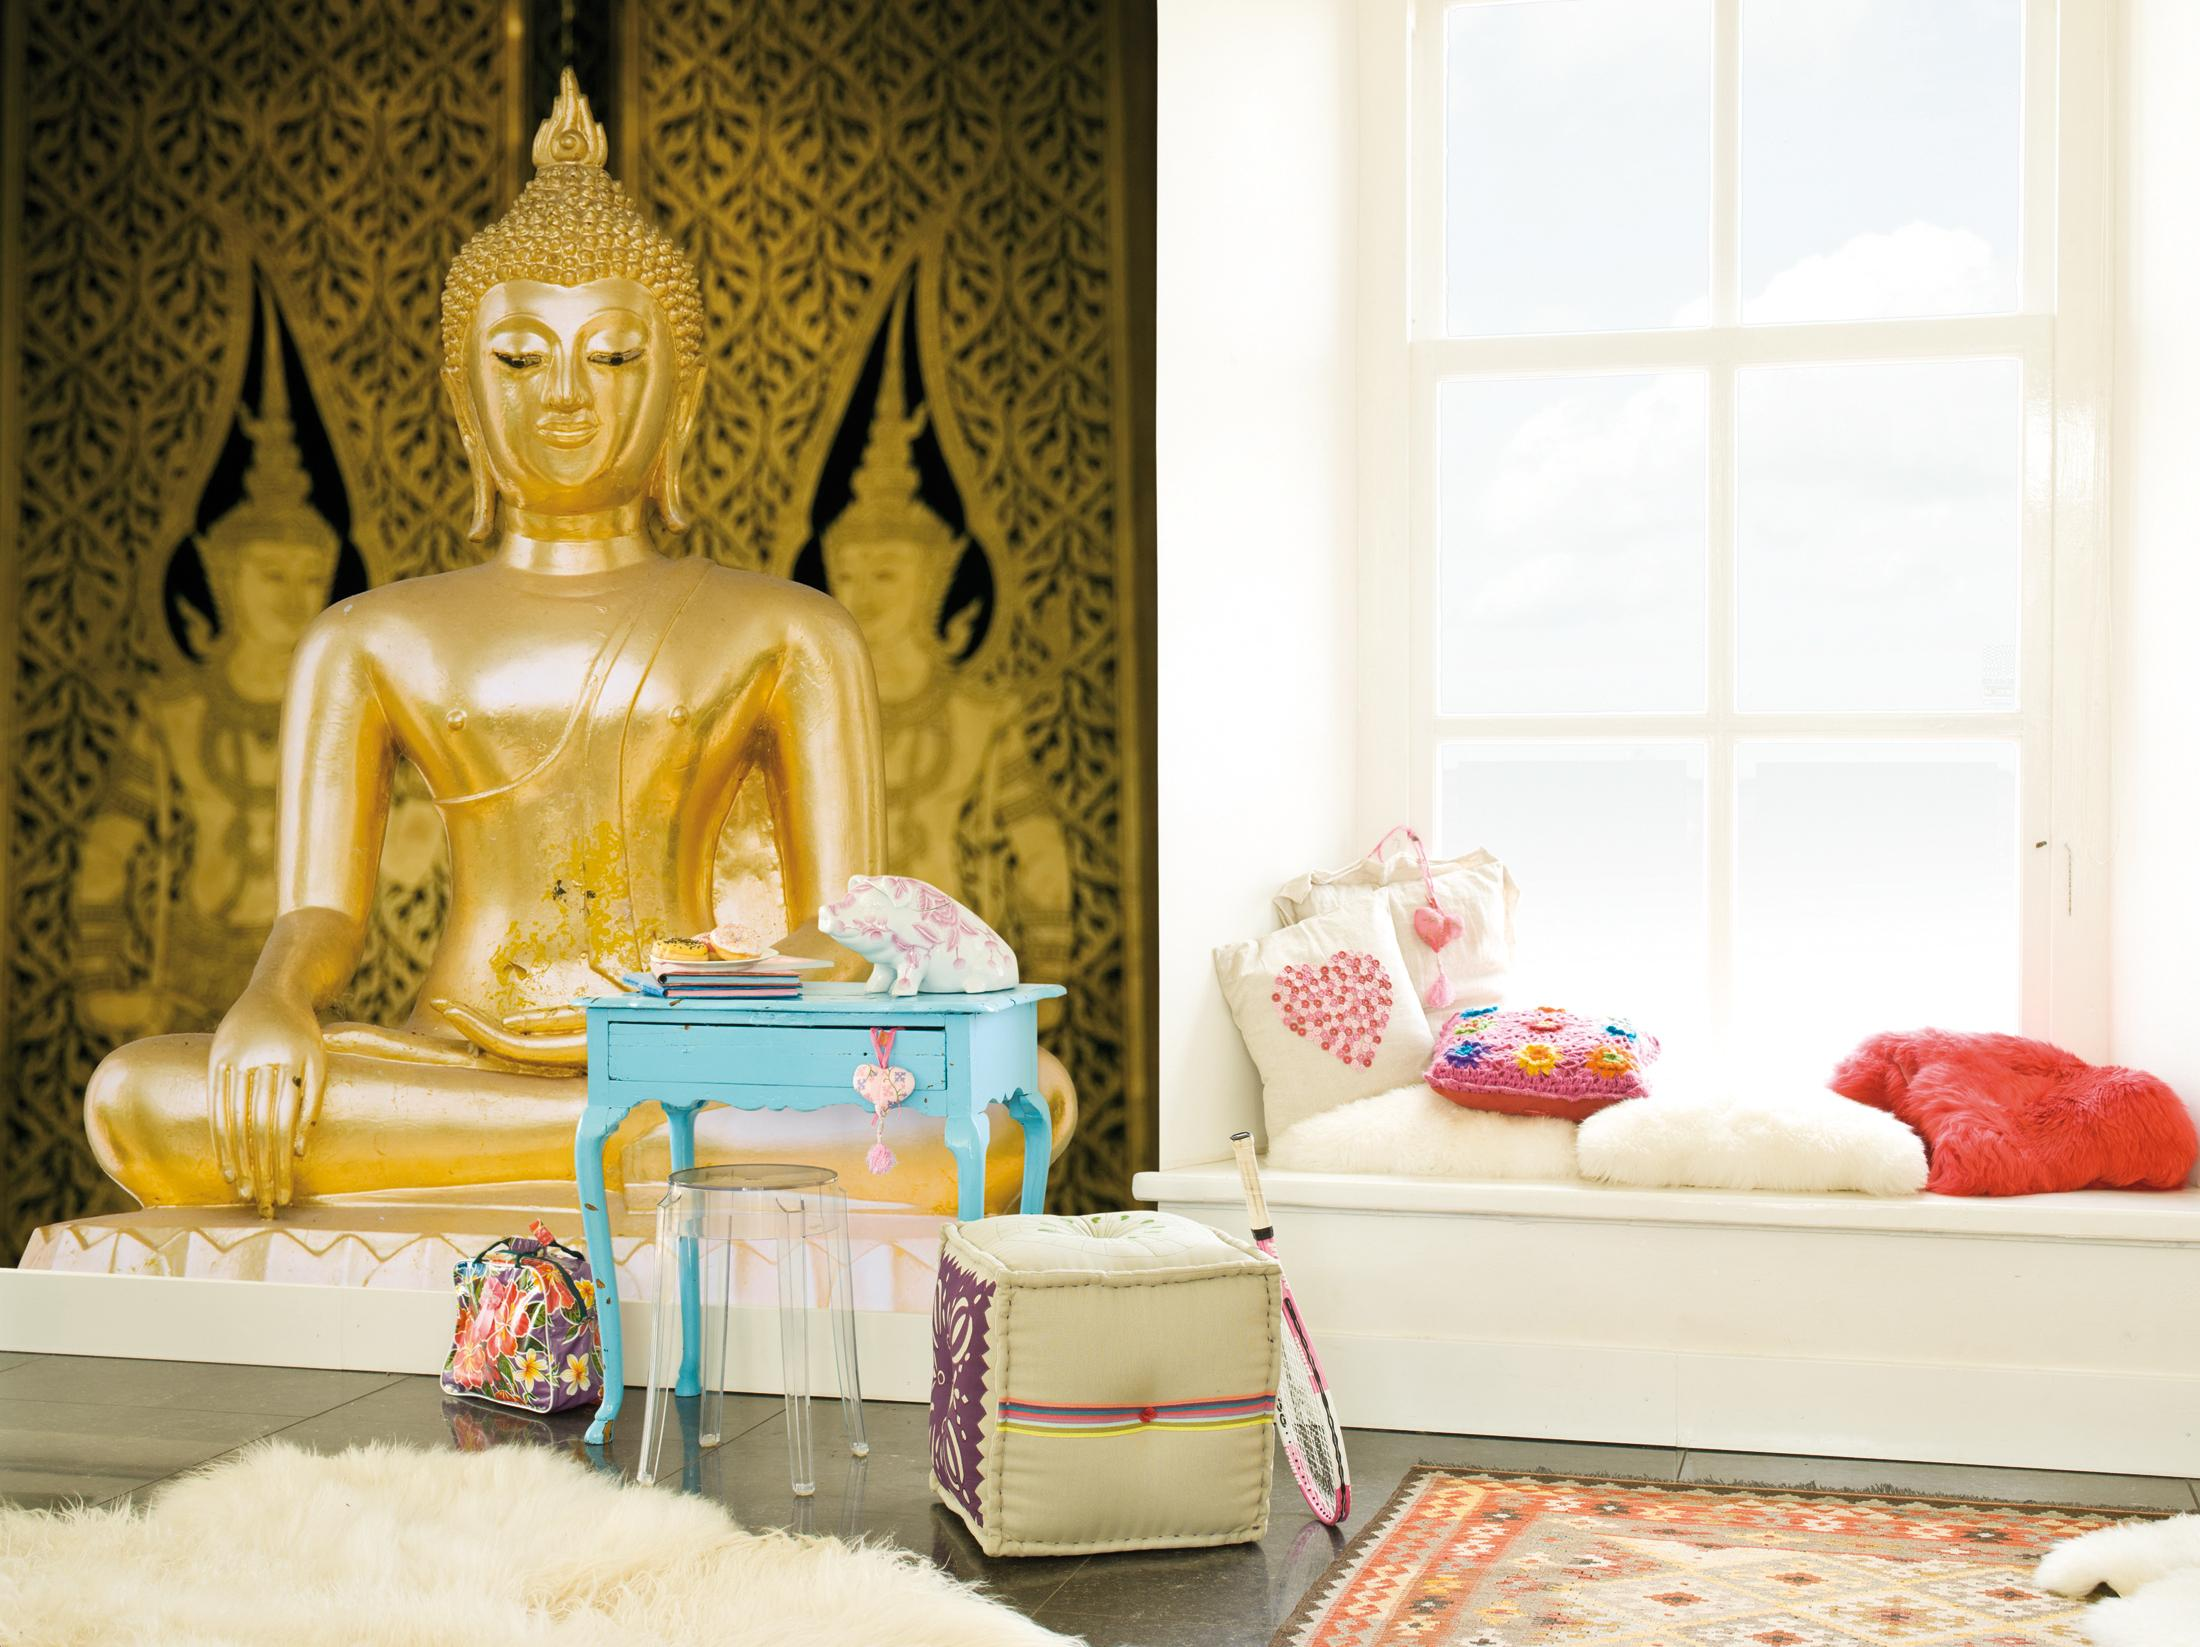 Fototapete Mit Buddha Figur Wandtapete CBN Wallcoverings